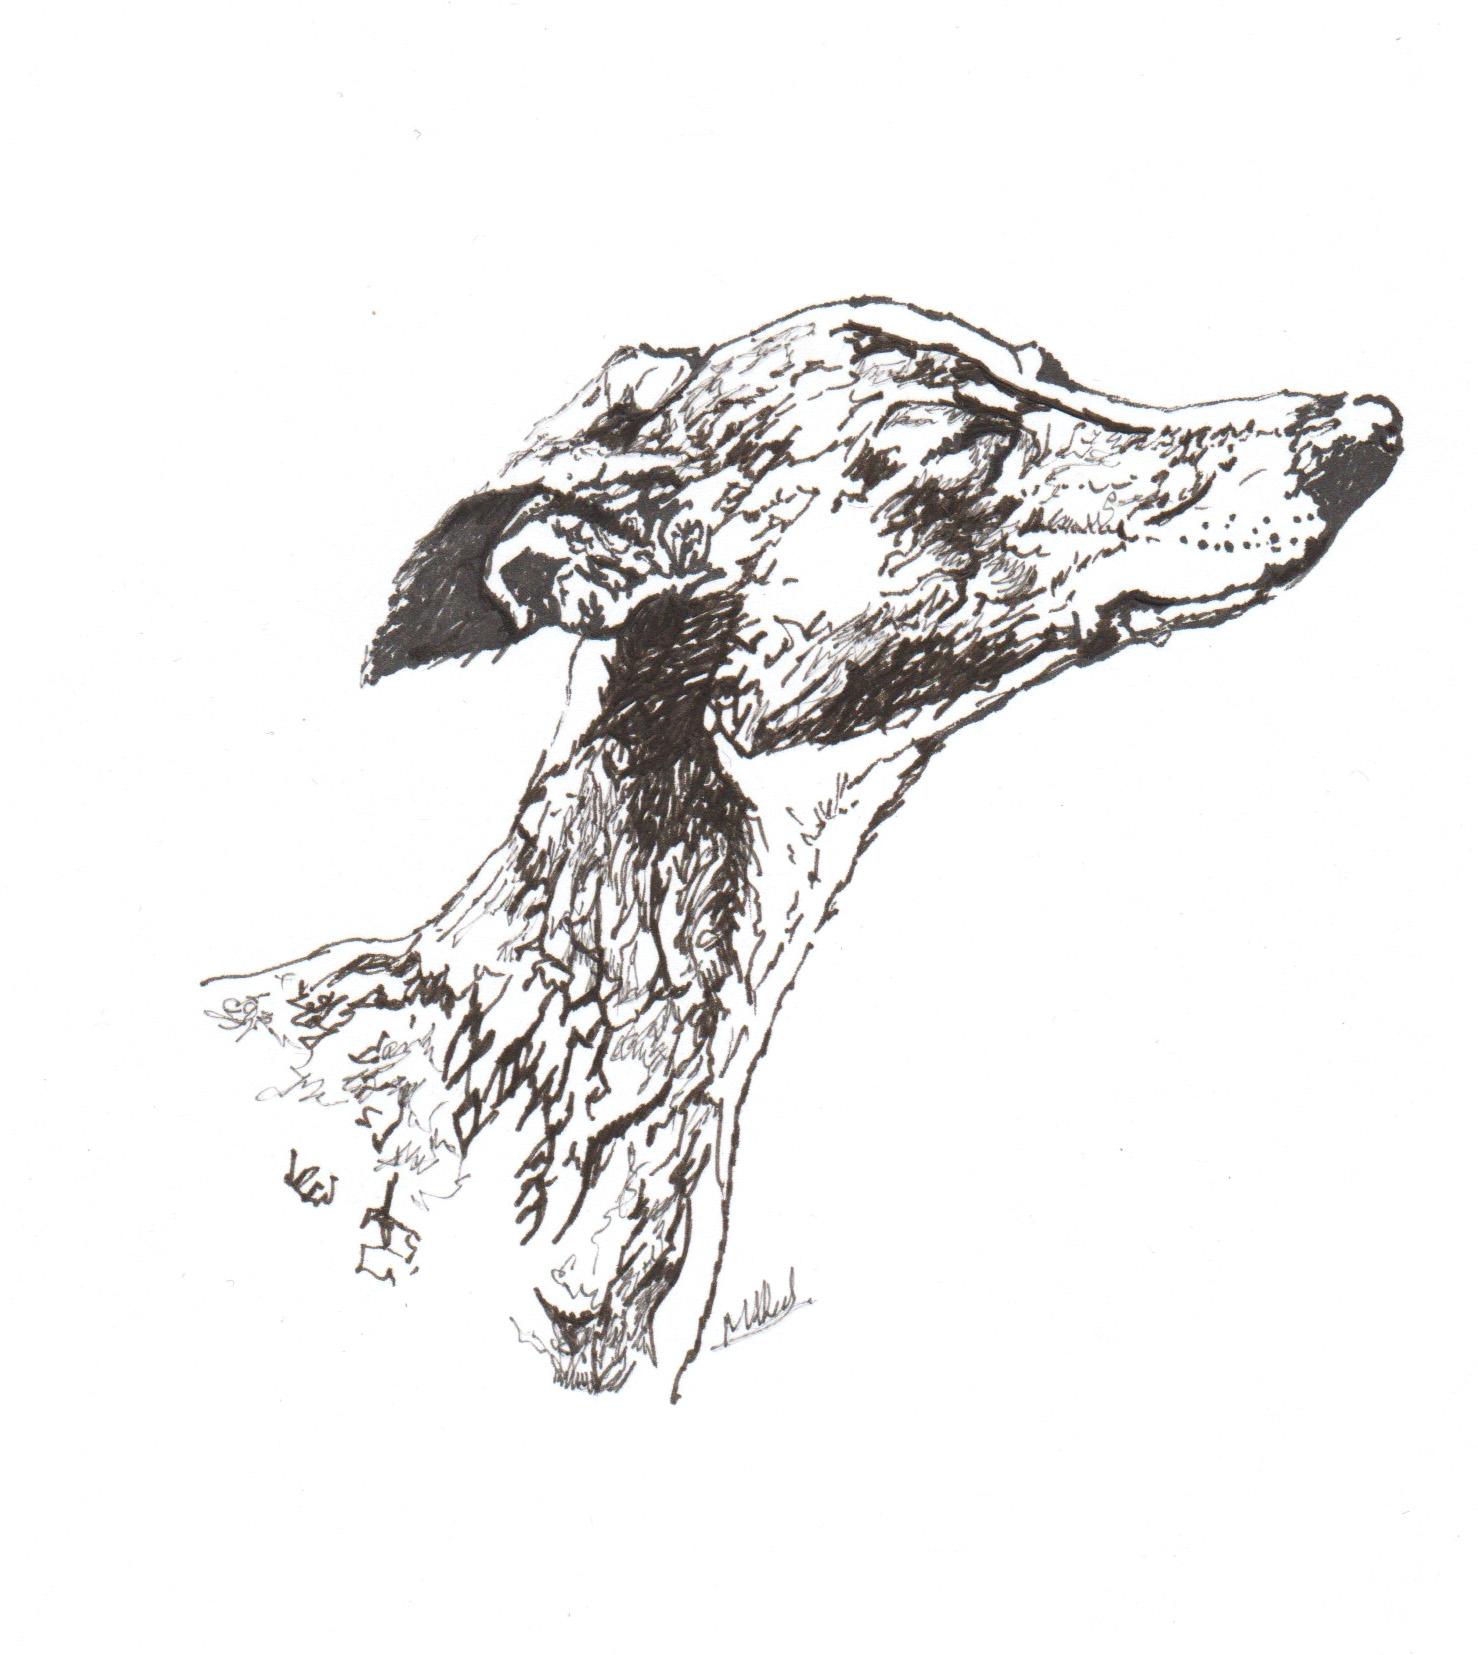 Rubbish, Greyhound, Greyhound Pup, Puppy, Winter Hare